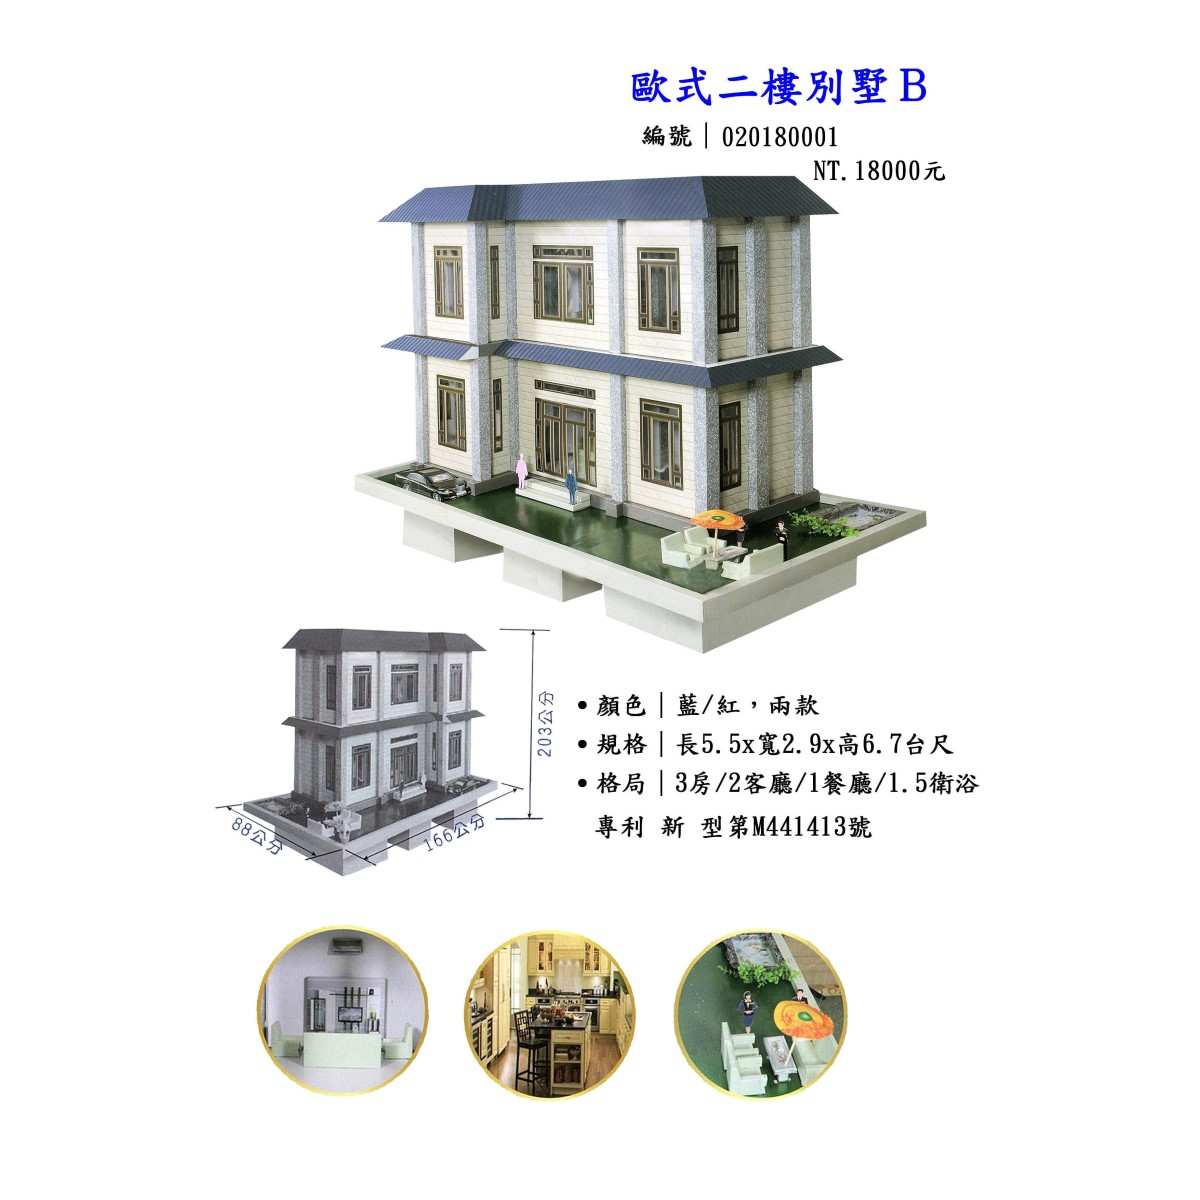 歐式二樓別墅B